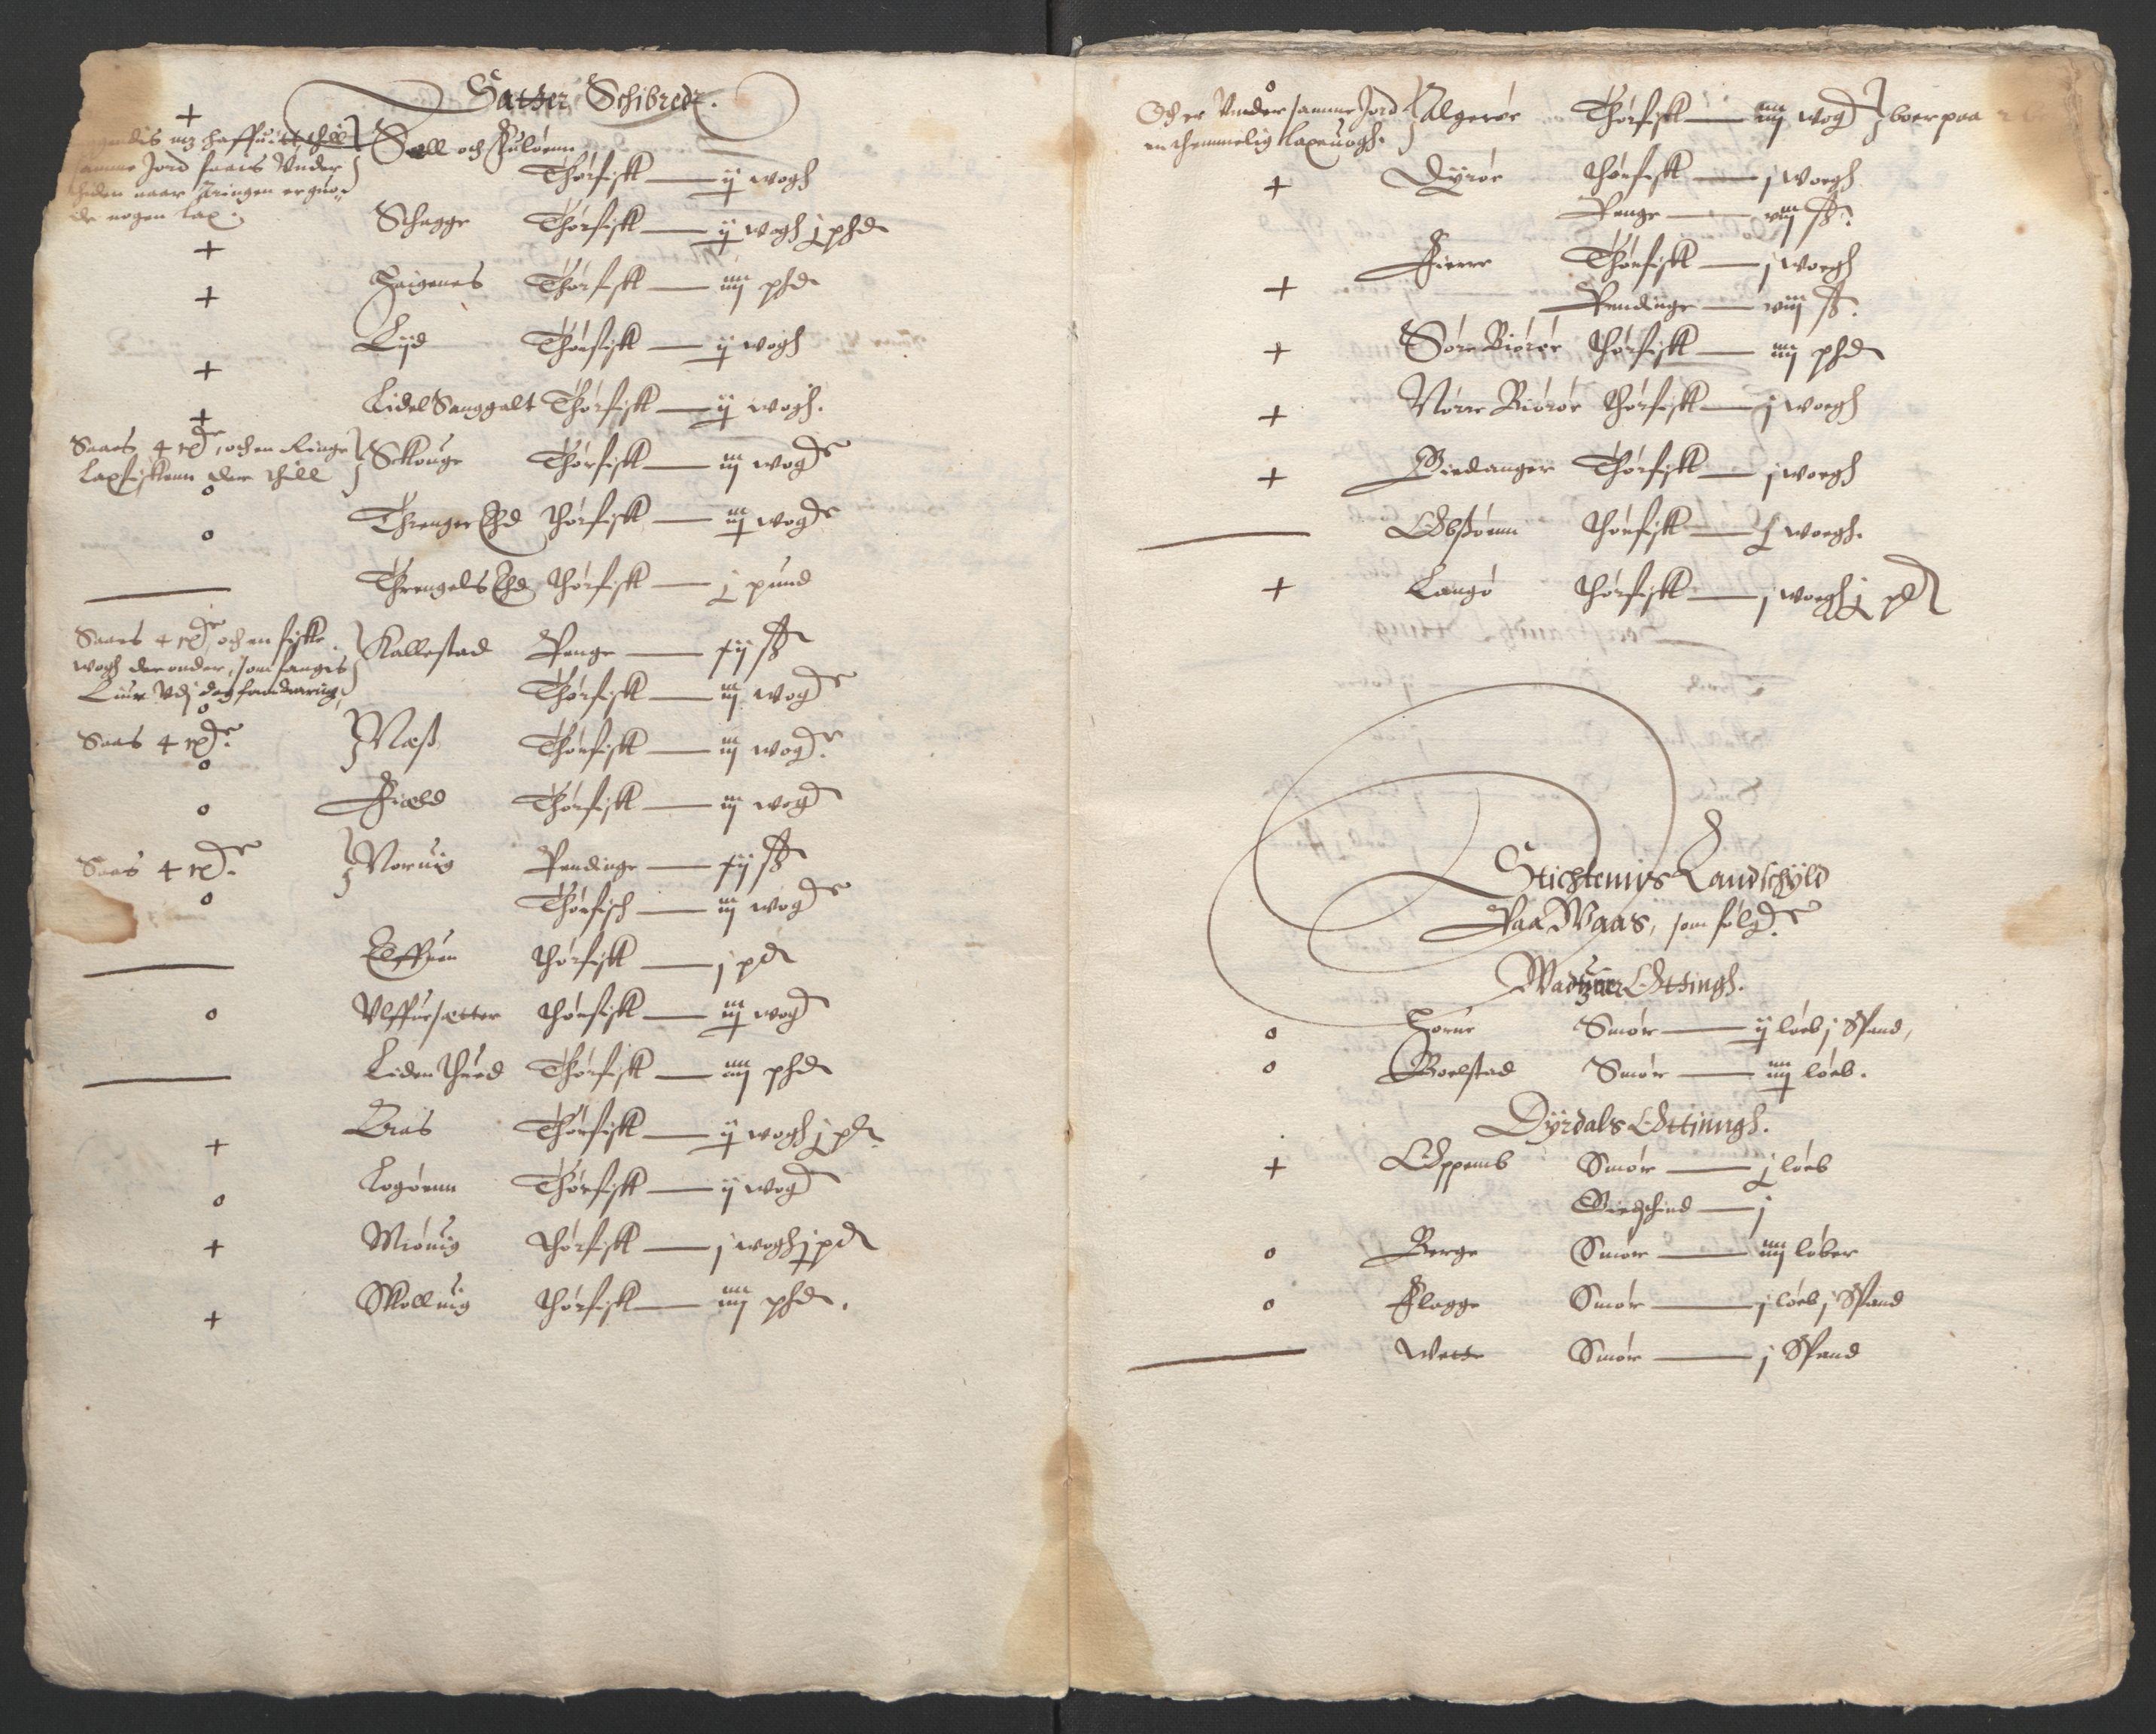 RA, Stattholderembetet 1572-1771, Ek/L0004: Jordebøker til utlikning av garnisonsskatt 1624-1626:, 1626, s. 138